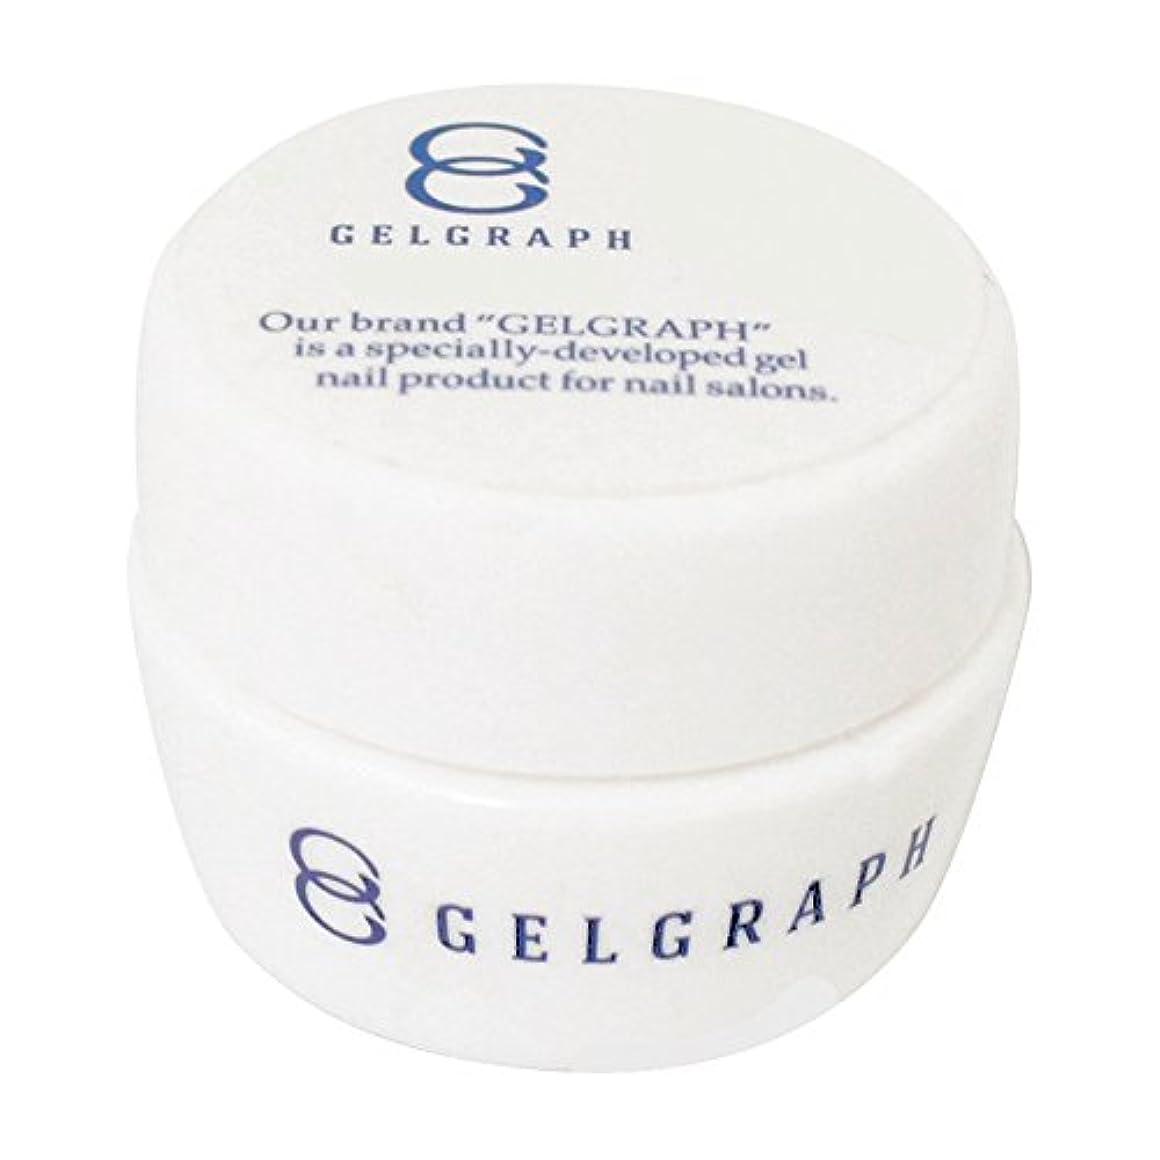 放射性存在する式GELGRAPH カラージェル 042GP コスモポリタン 5g UV/LED対応 ソークオフジェル